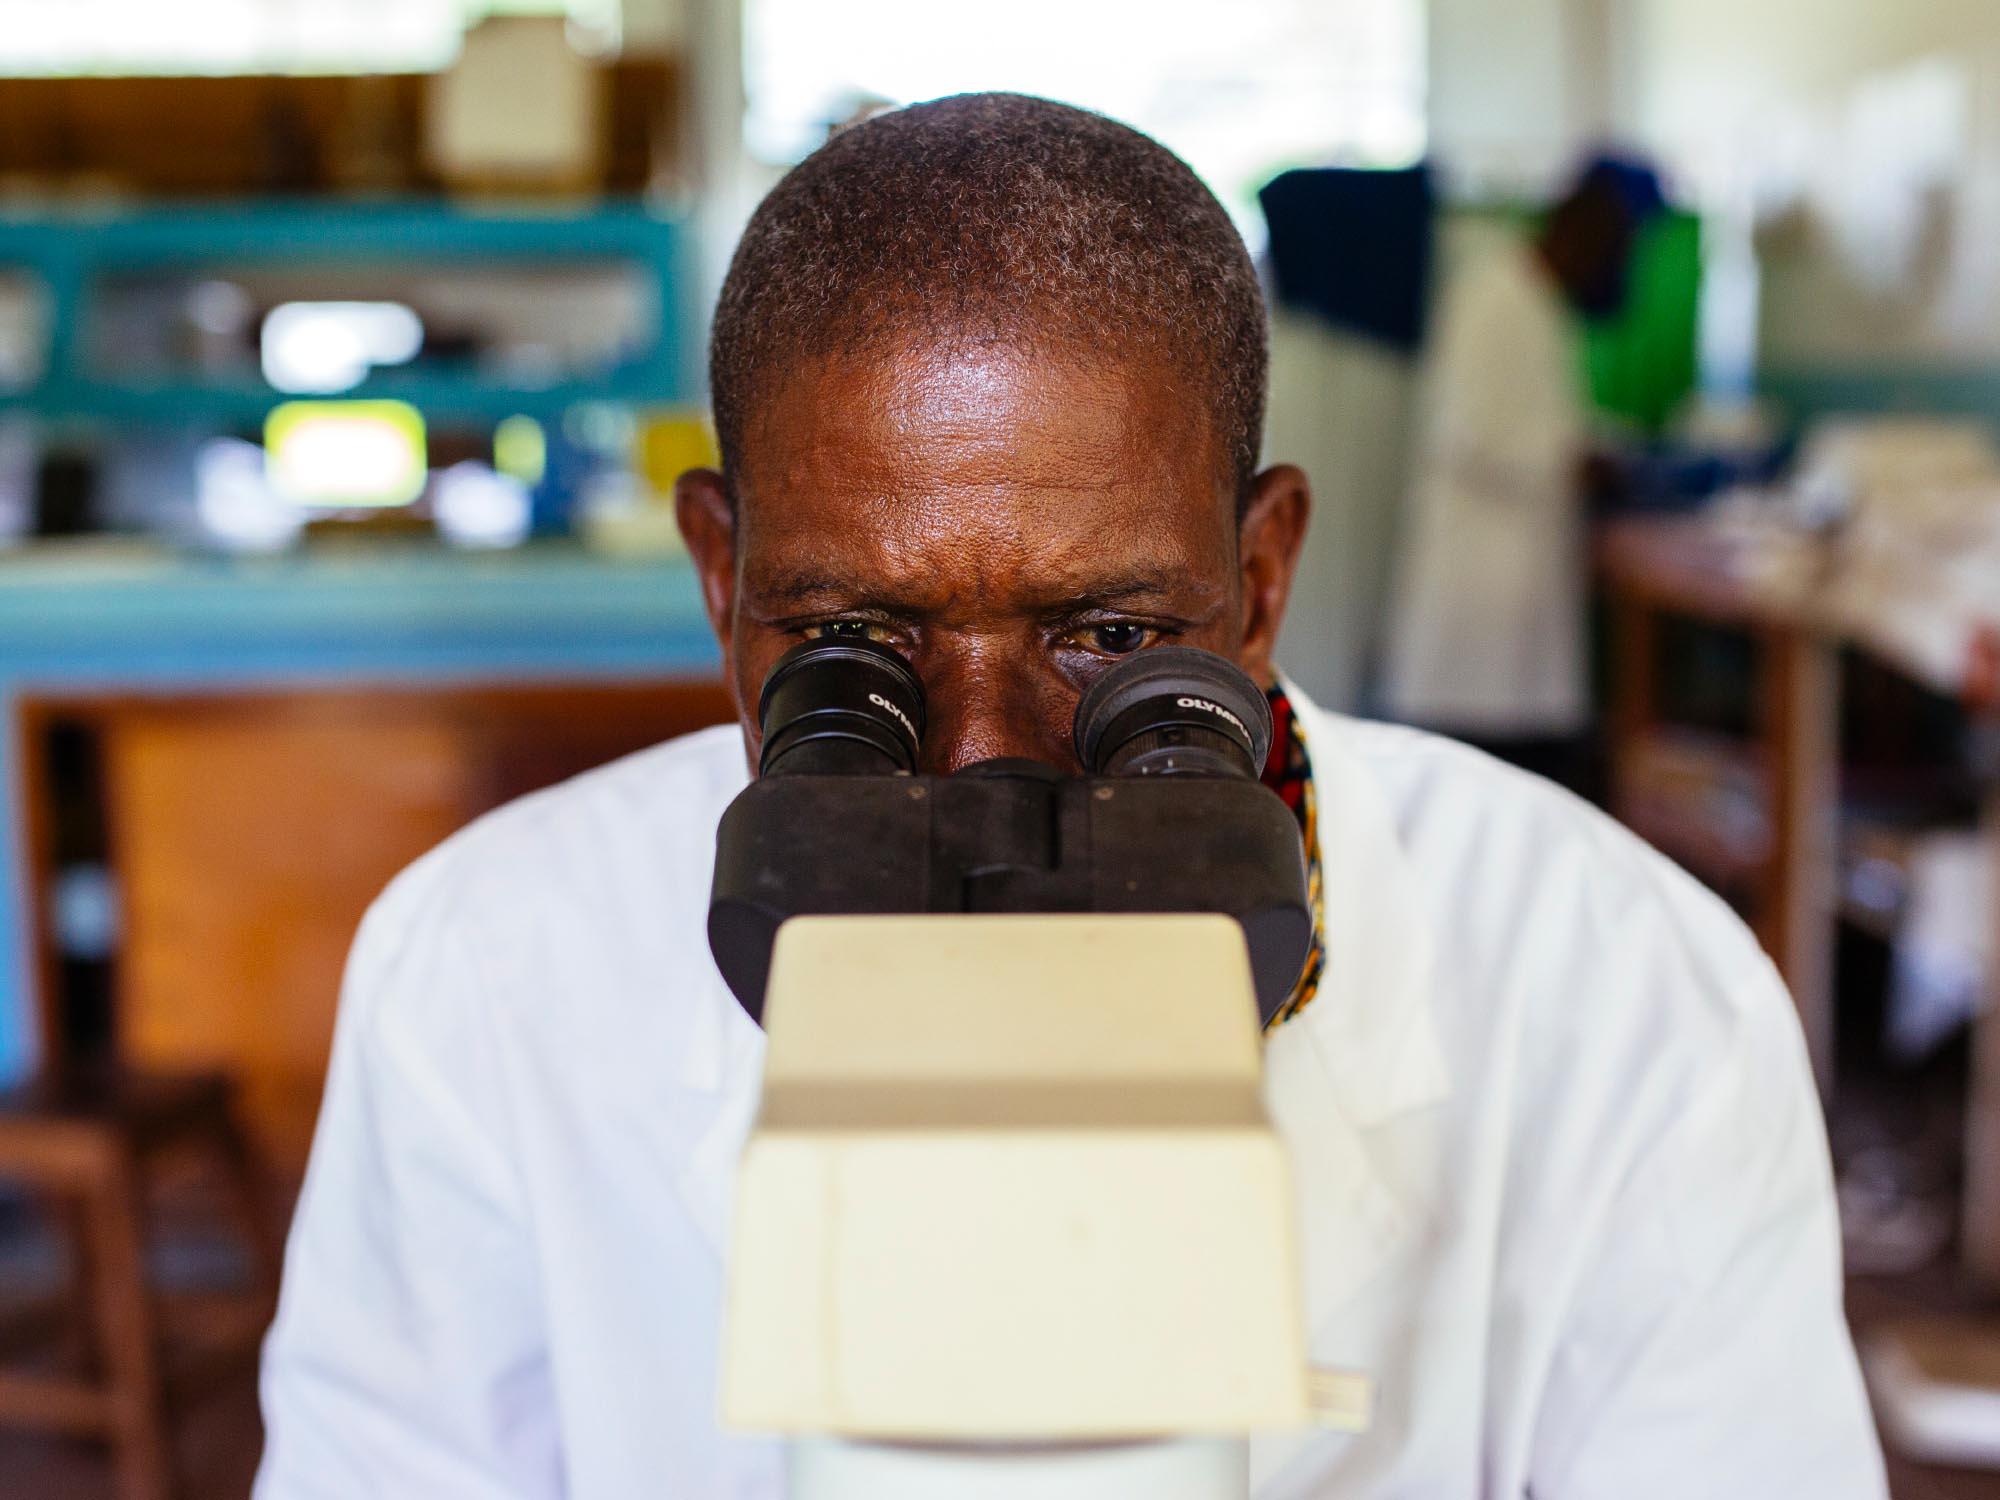 joris-hermans-first-photography-assignment-lab.jpg